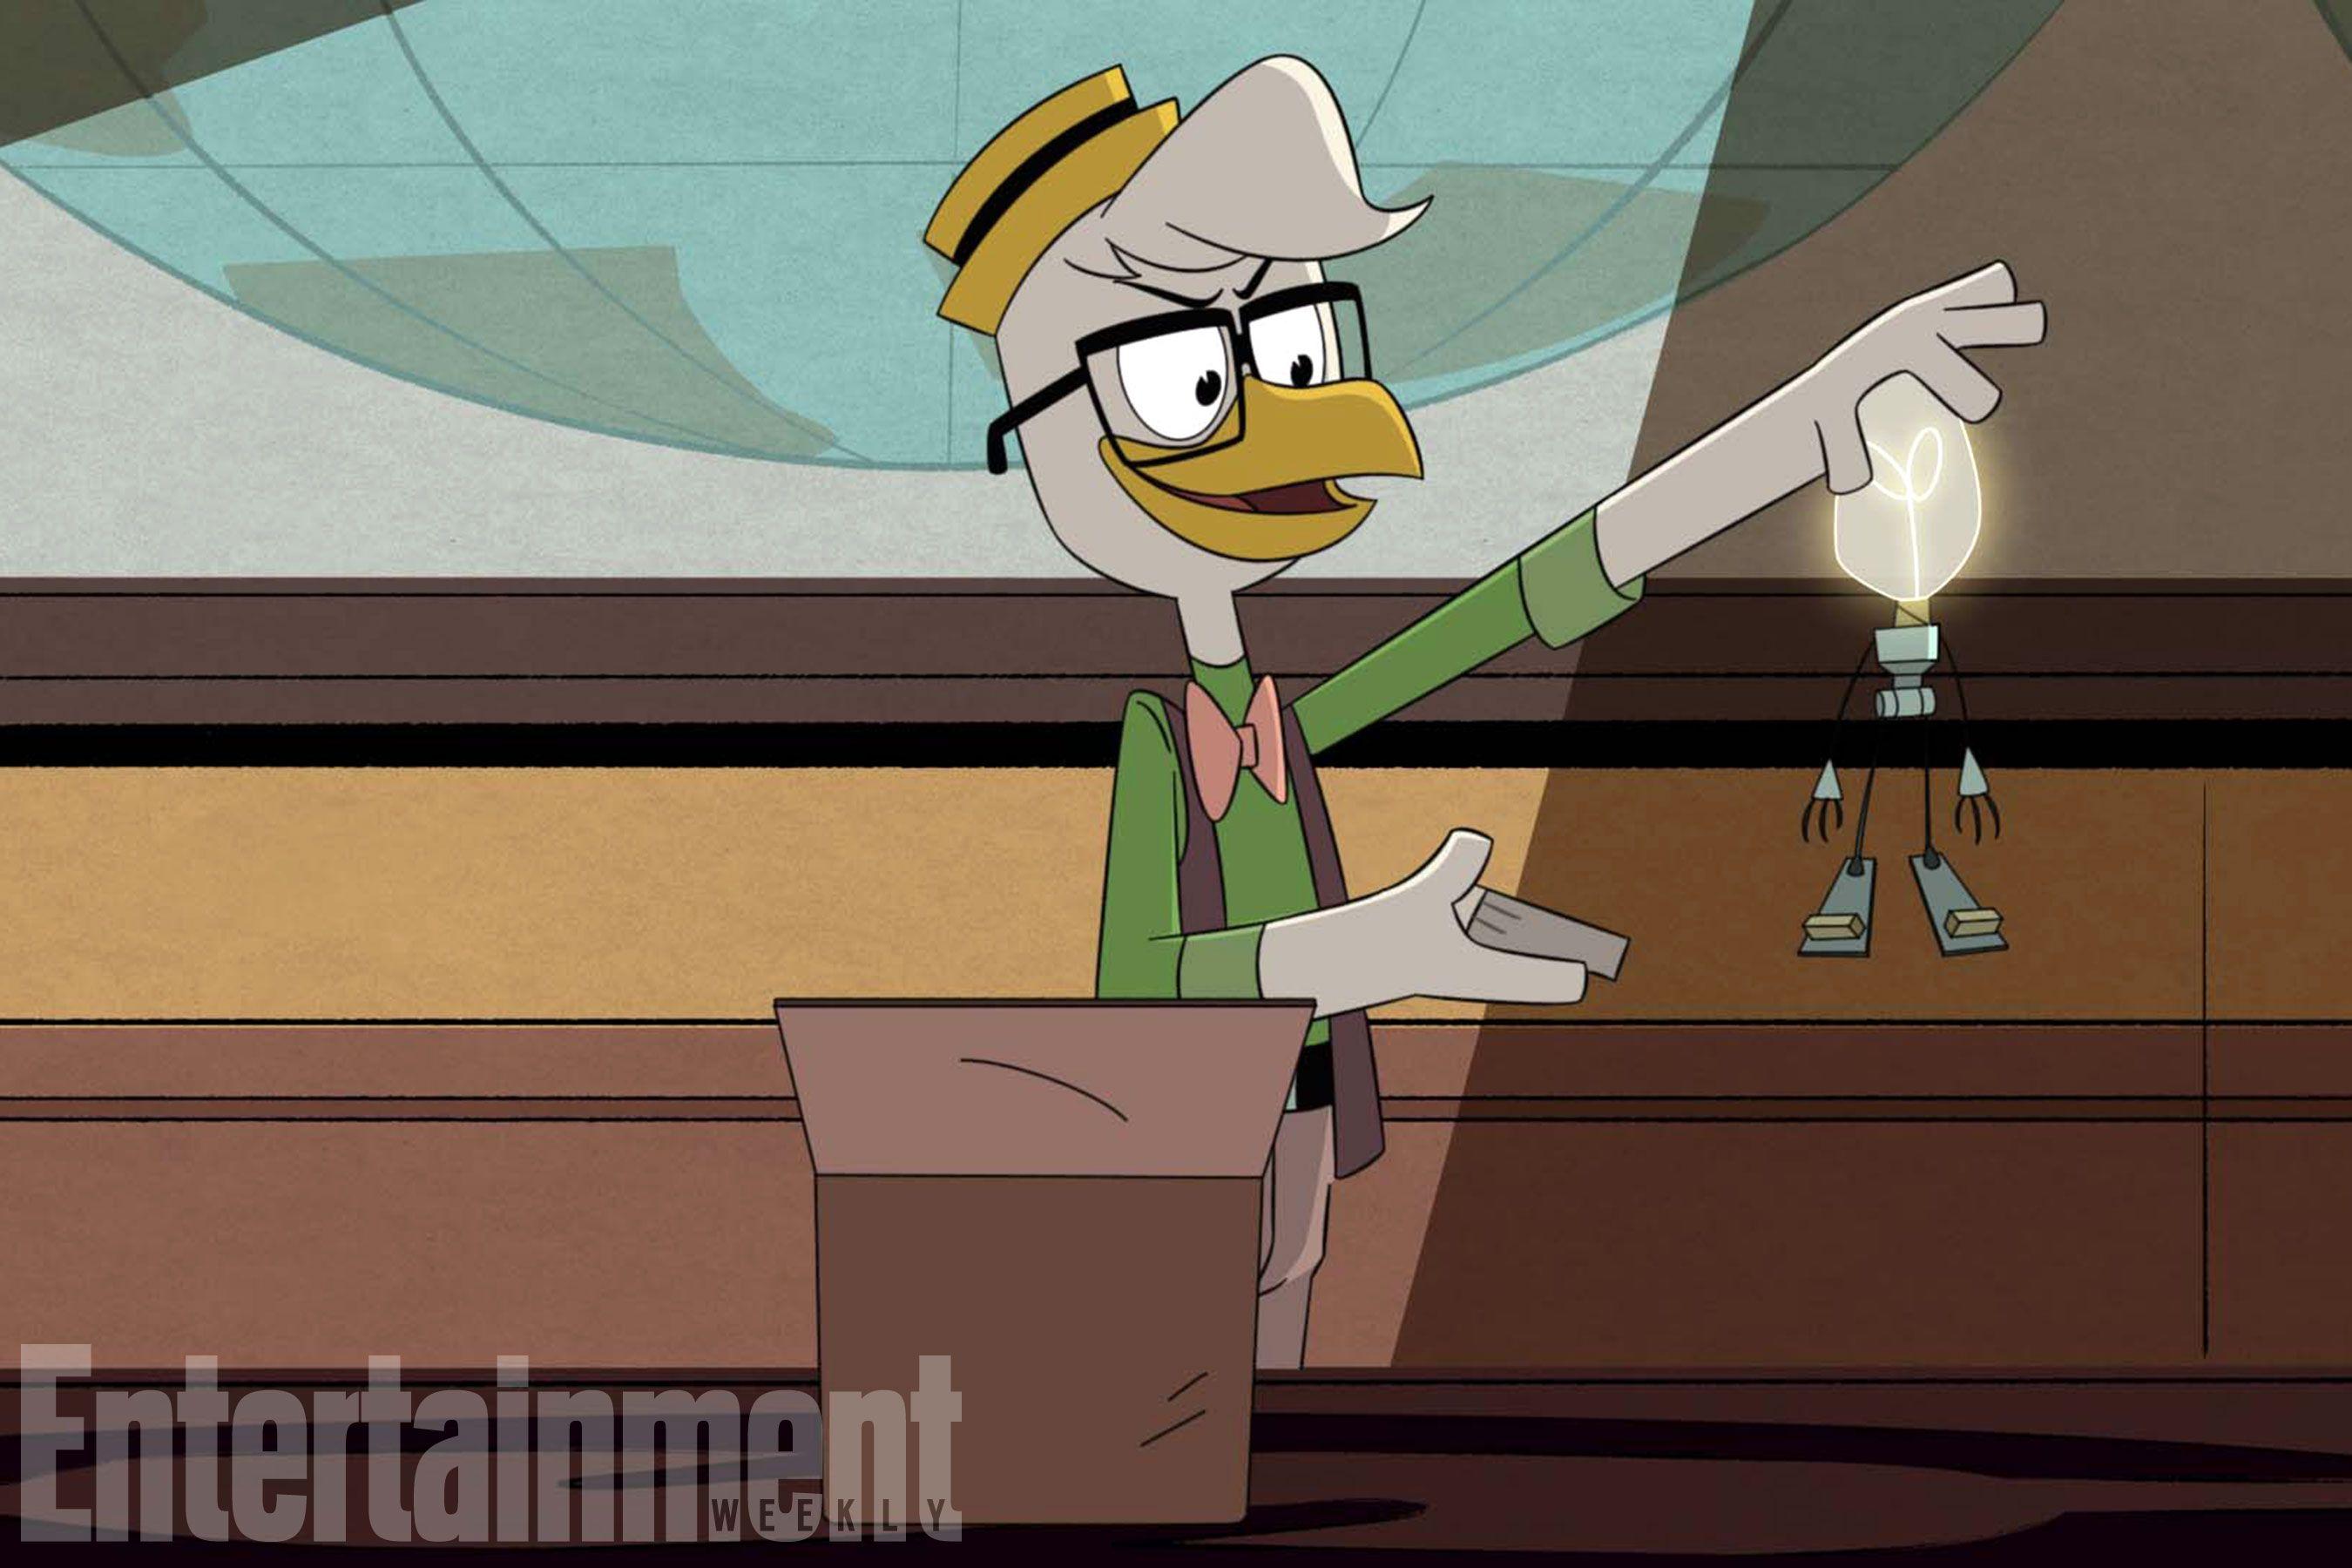 ducktales 2017 episode guide